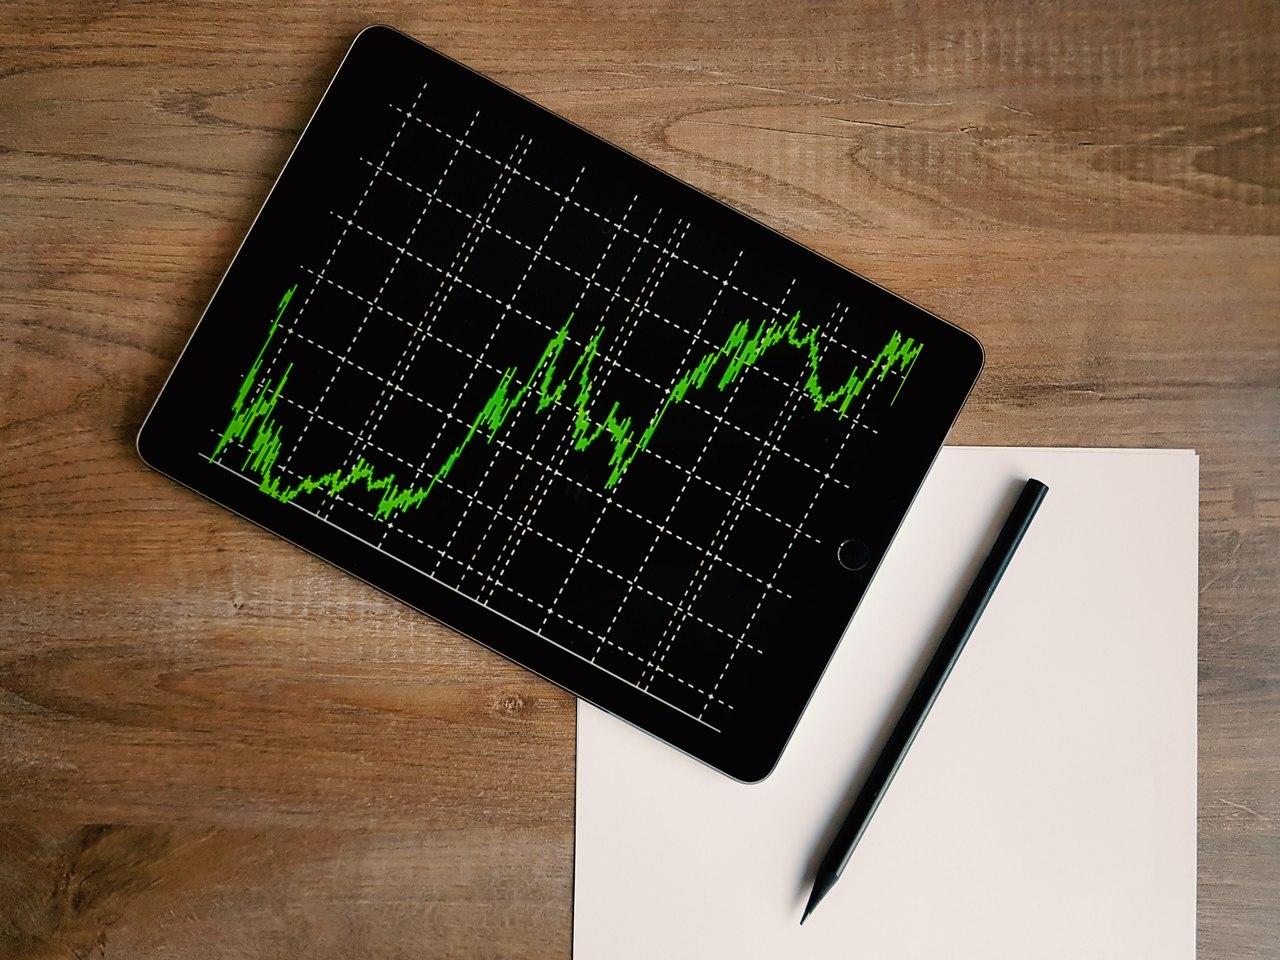 Renda Variável - tablet com gráfico de crescimento apoiado em uma mesa ao lado de um lápis e um papel